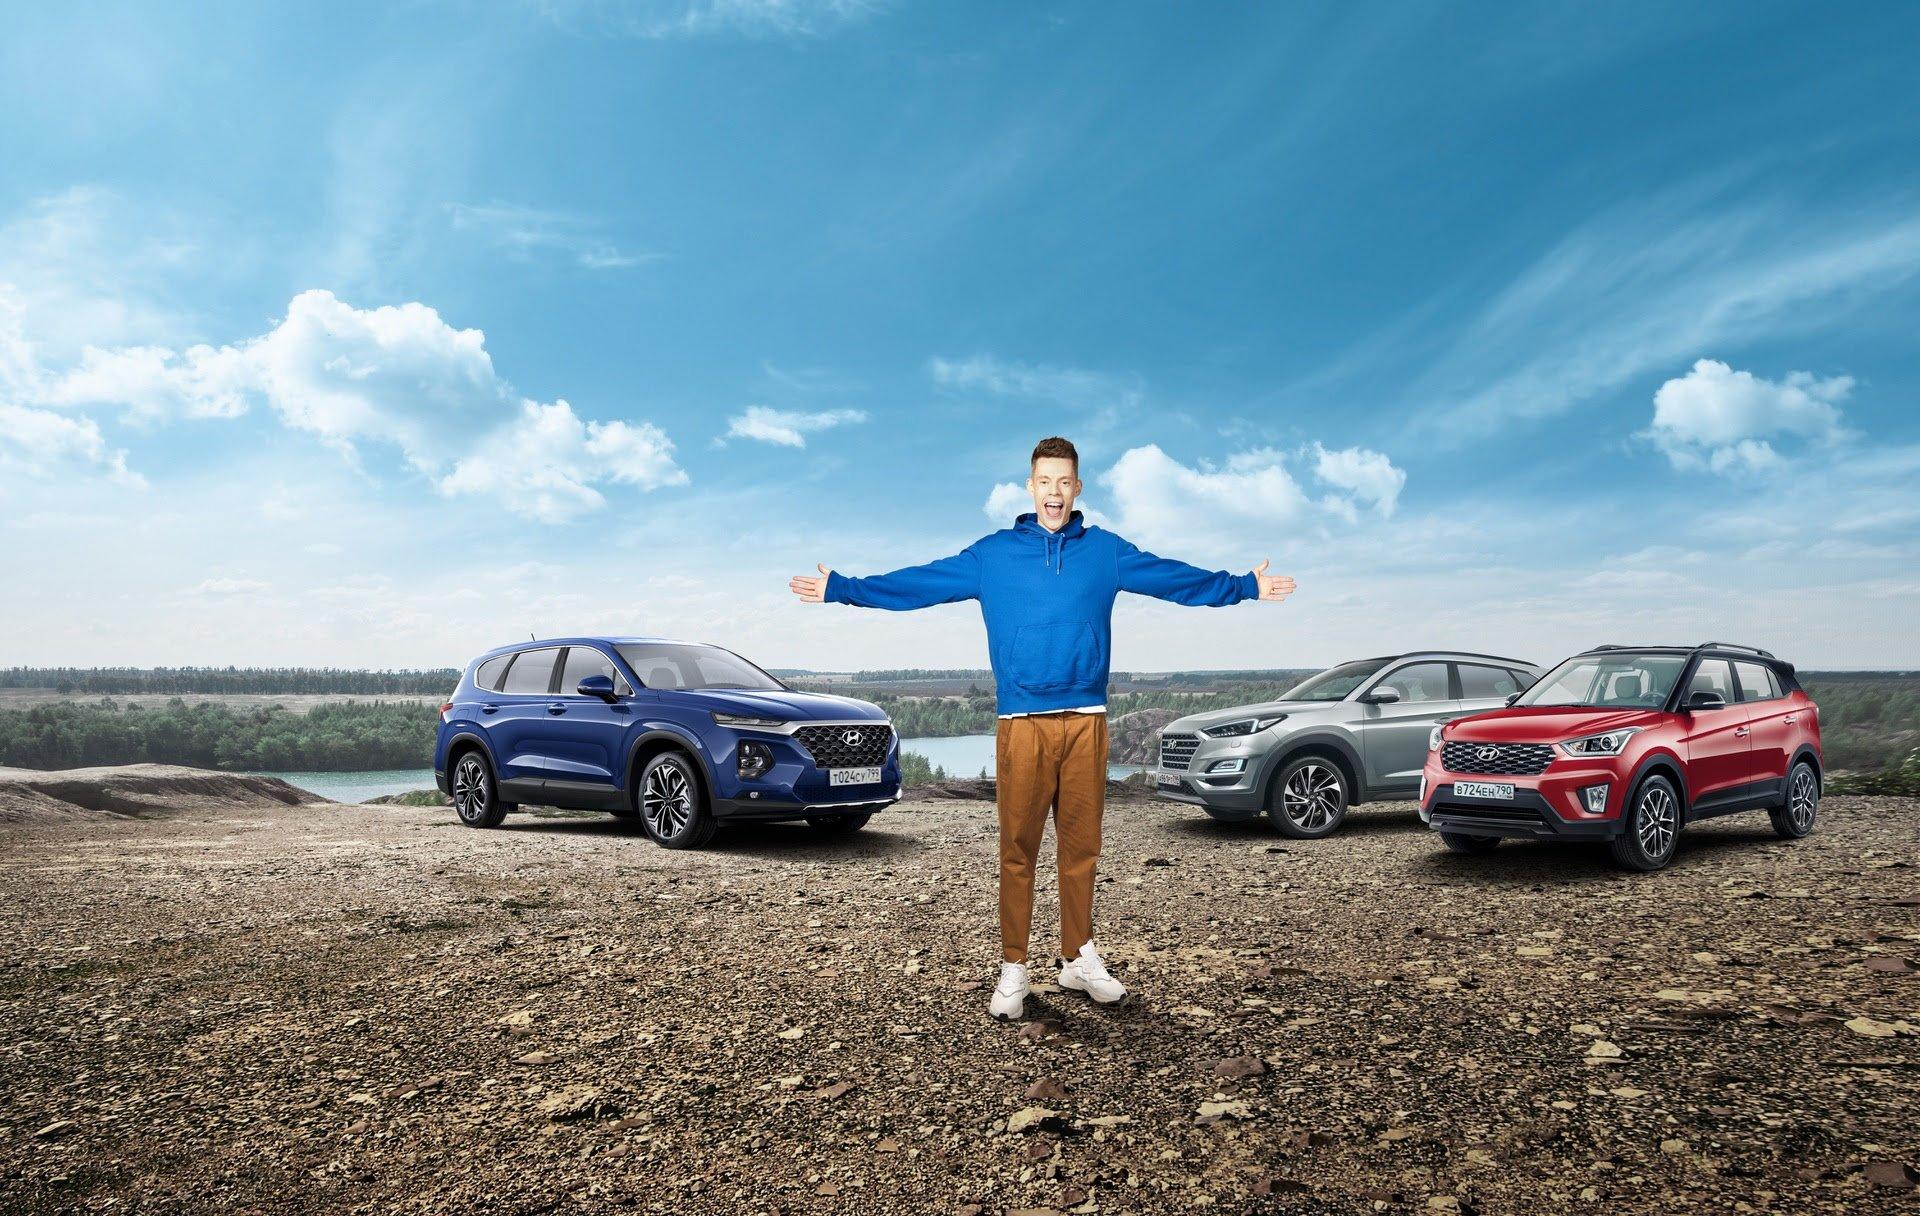 Юрий Дудь снялся в серии роликов для Hyundai